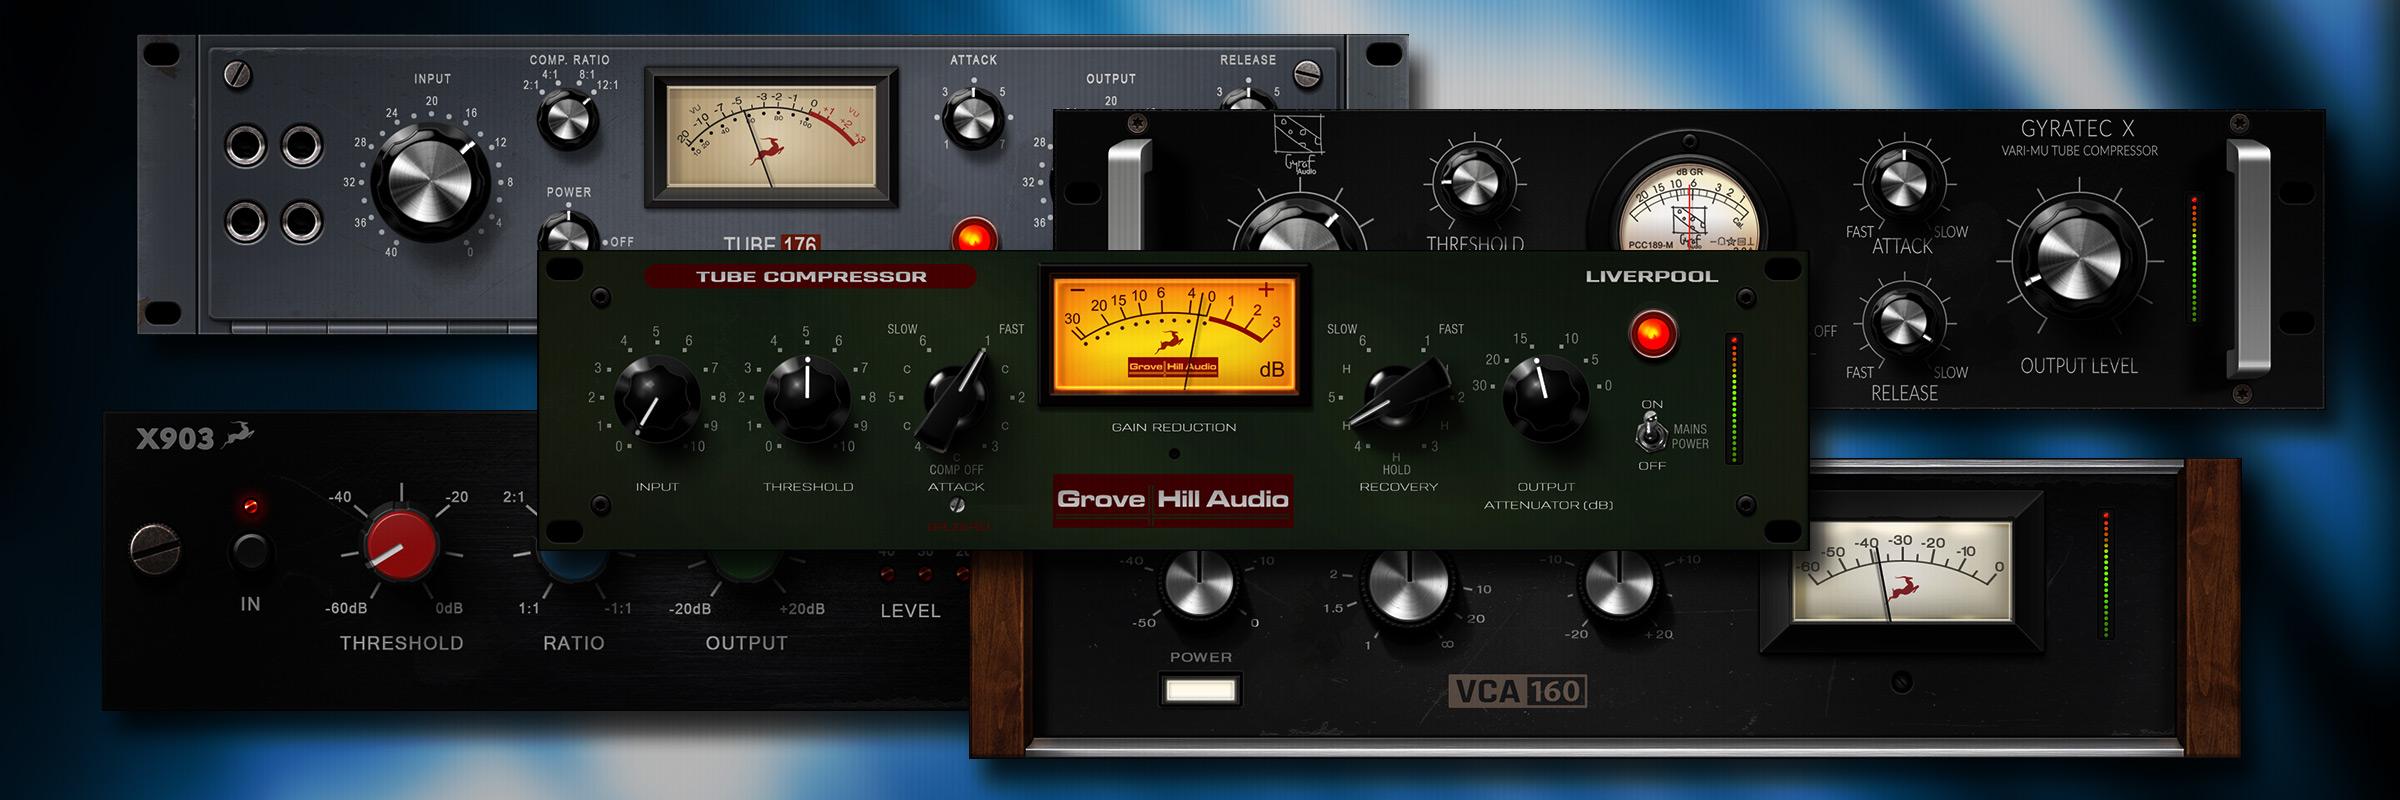 Fünf neue Vintage-Kompressoreffekte, die Sie nur bei Antelope Audio bekommen